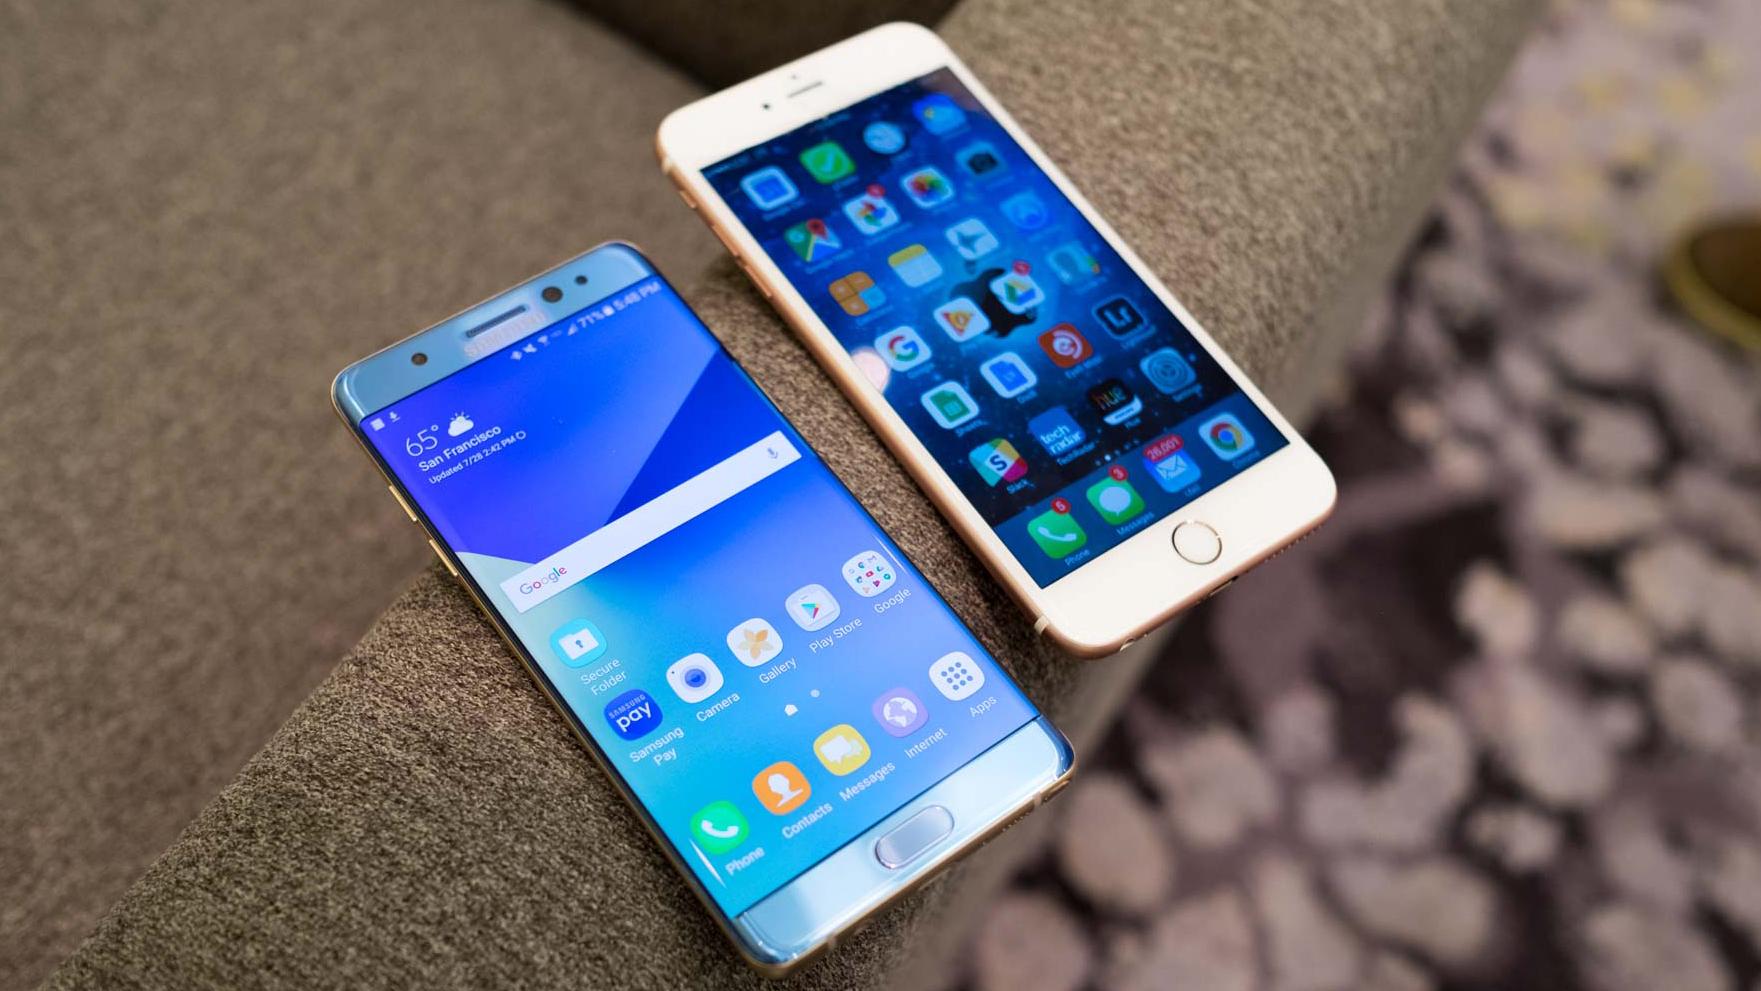 Note 7 vs iPhone 6S Plus